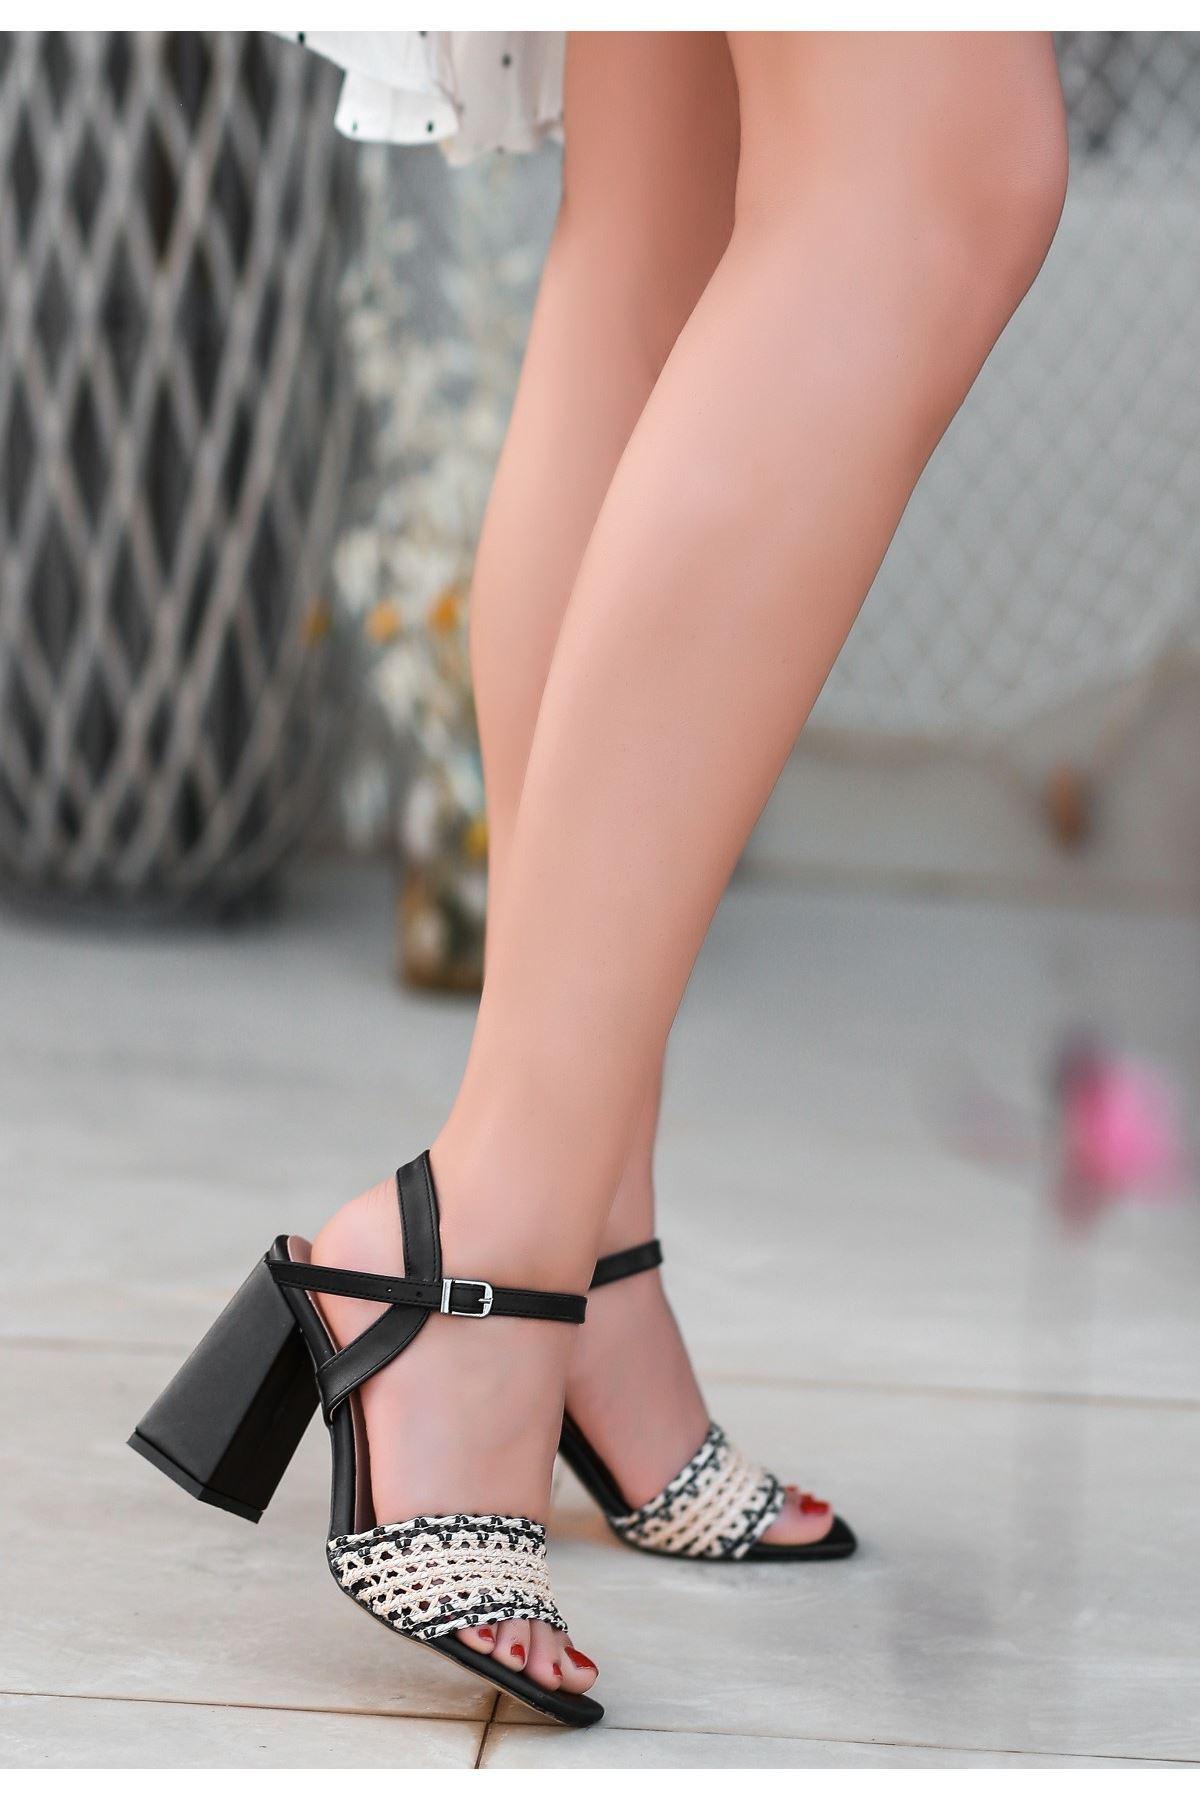 Sesto Siyah Cilt Örgülü Topuklu Ayakkabı